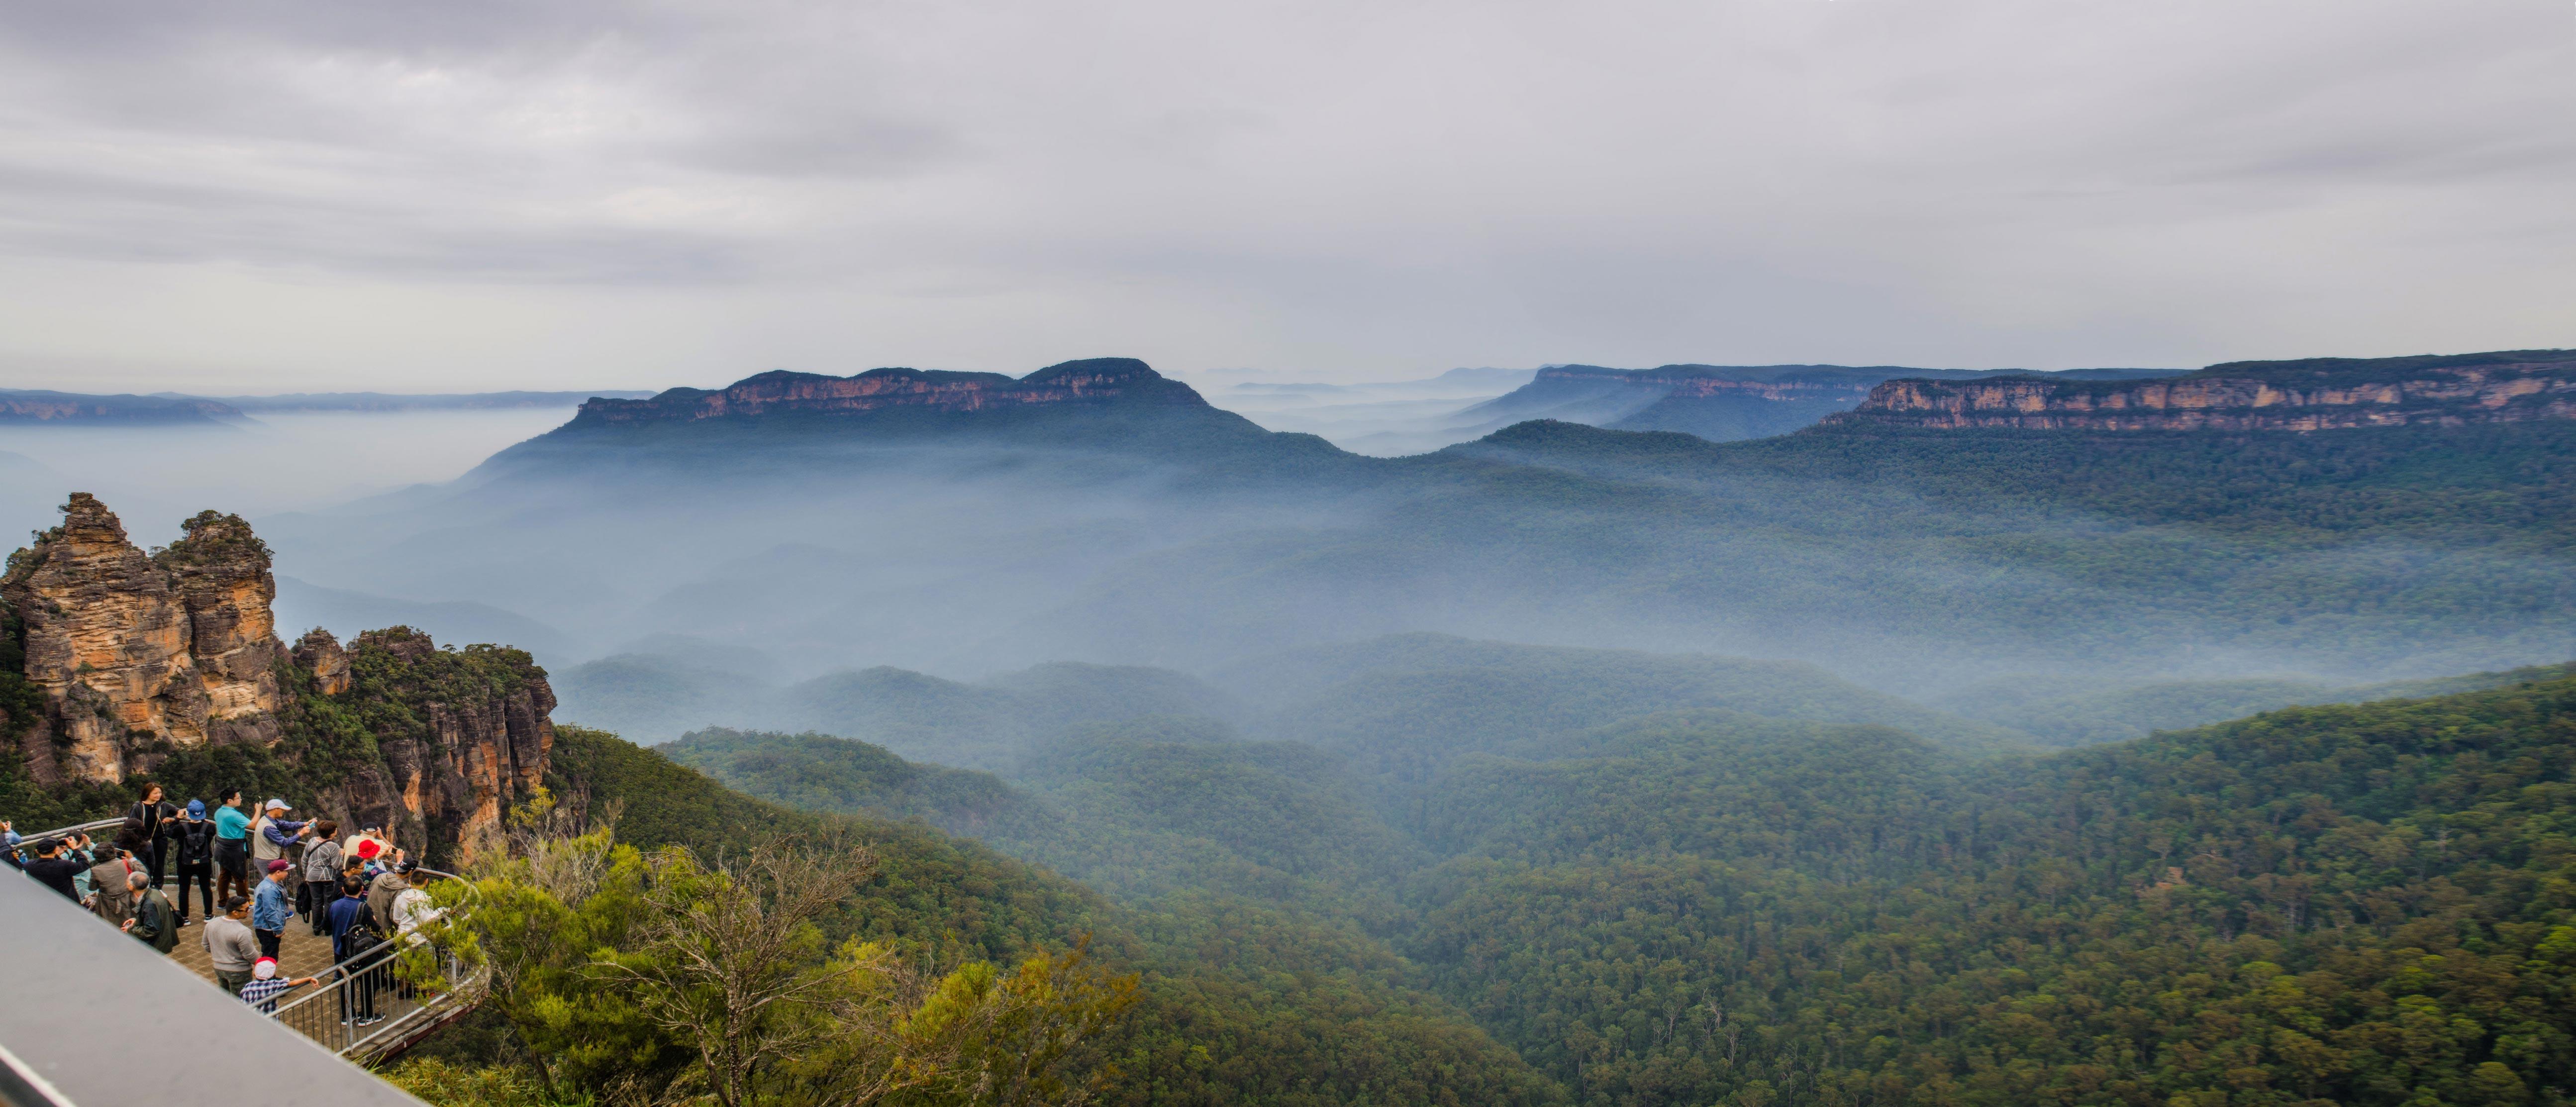 Paesaggi-Australia - Blue Mountains - Australia-Blue-Mountains-Fotografo-di-paesaggi - Australia-Blue-Mountains-Fotografo-di-paesaggi